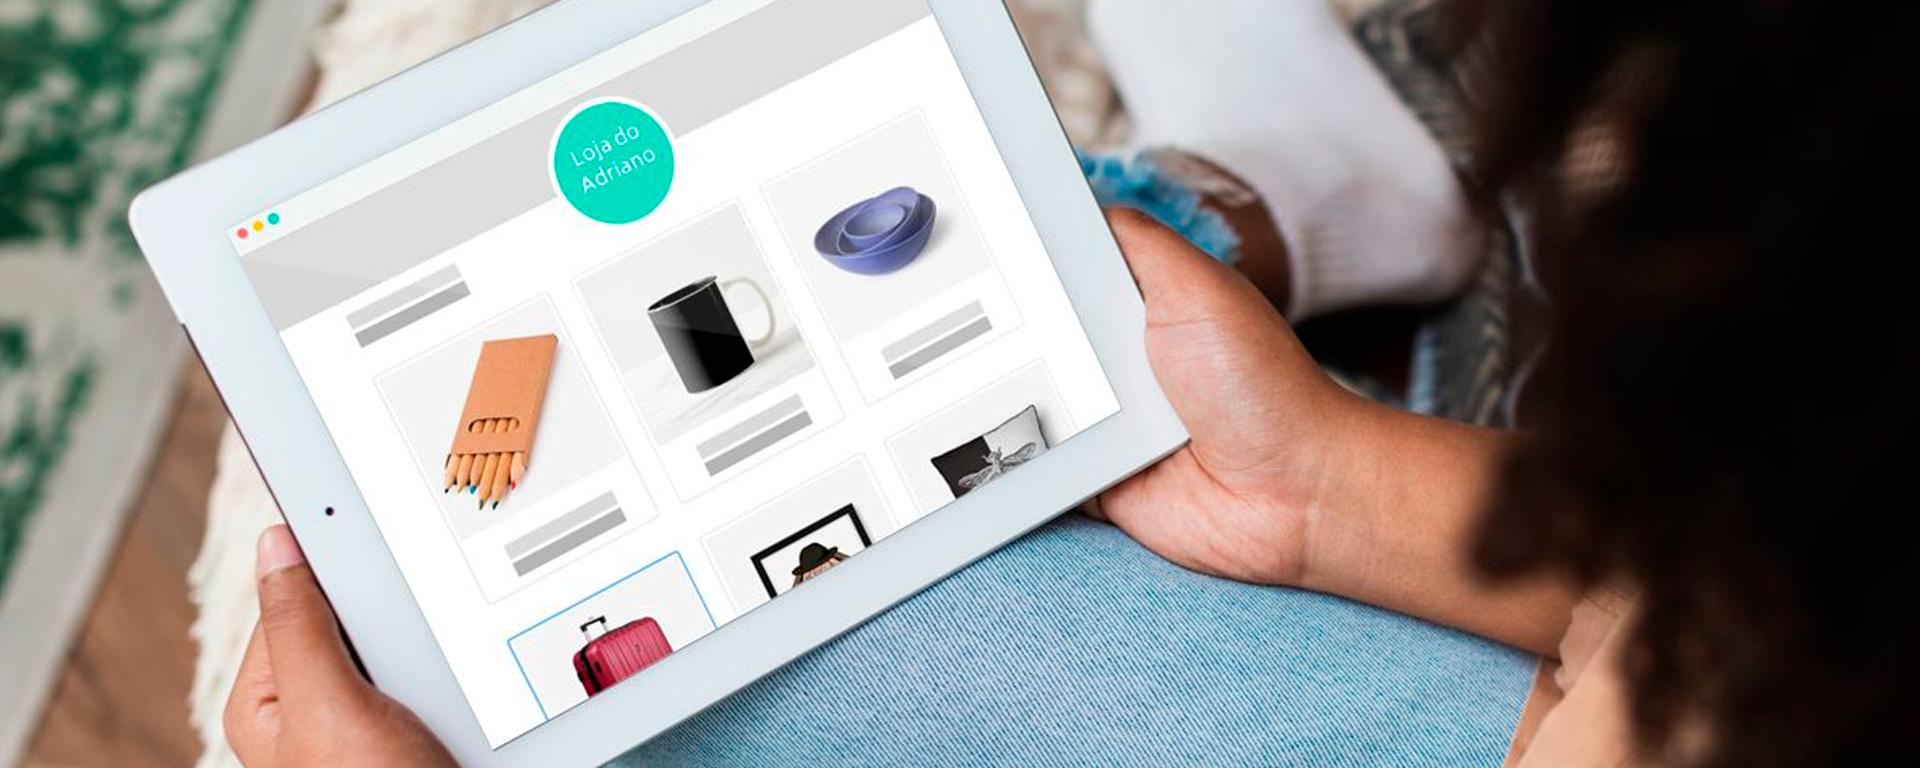 Catálogo digital reforça vendas de lojas físicas na pandemia